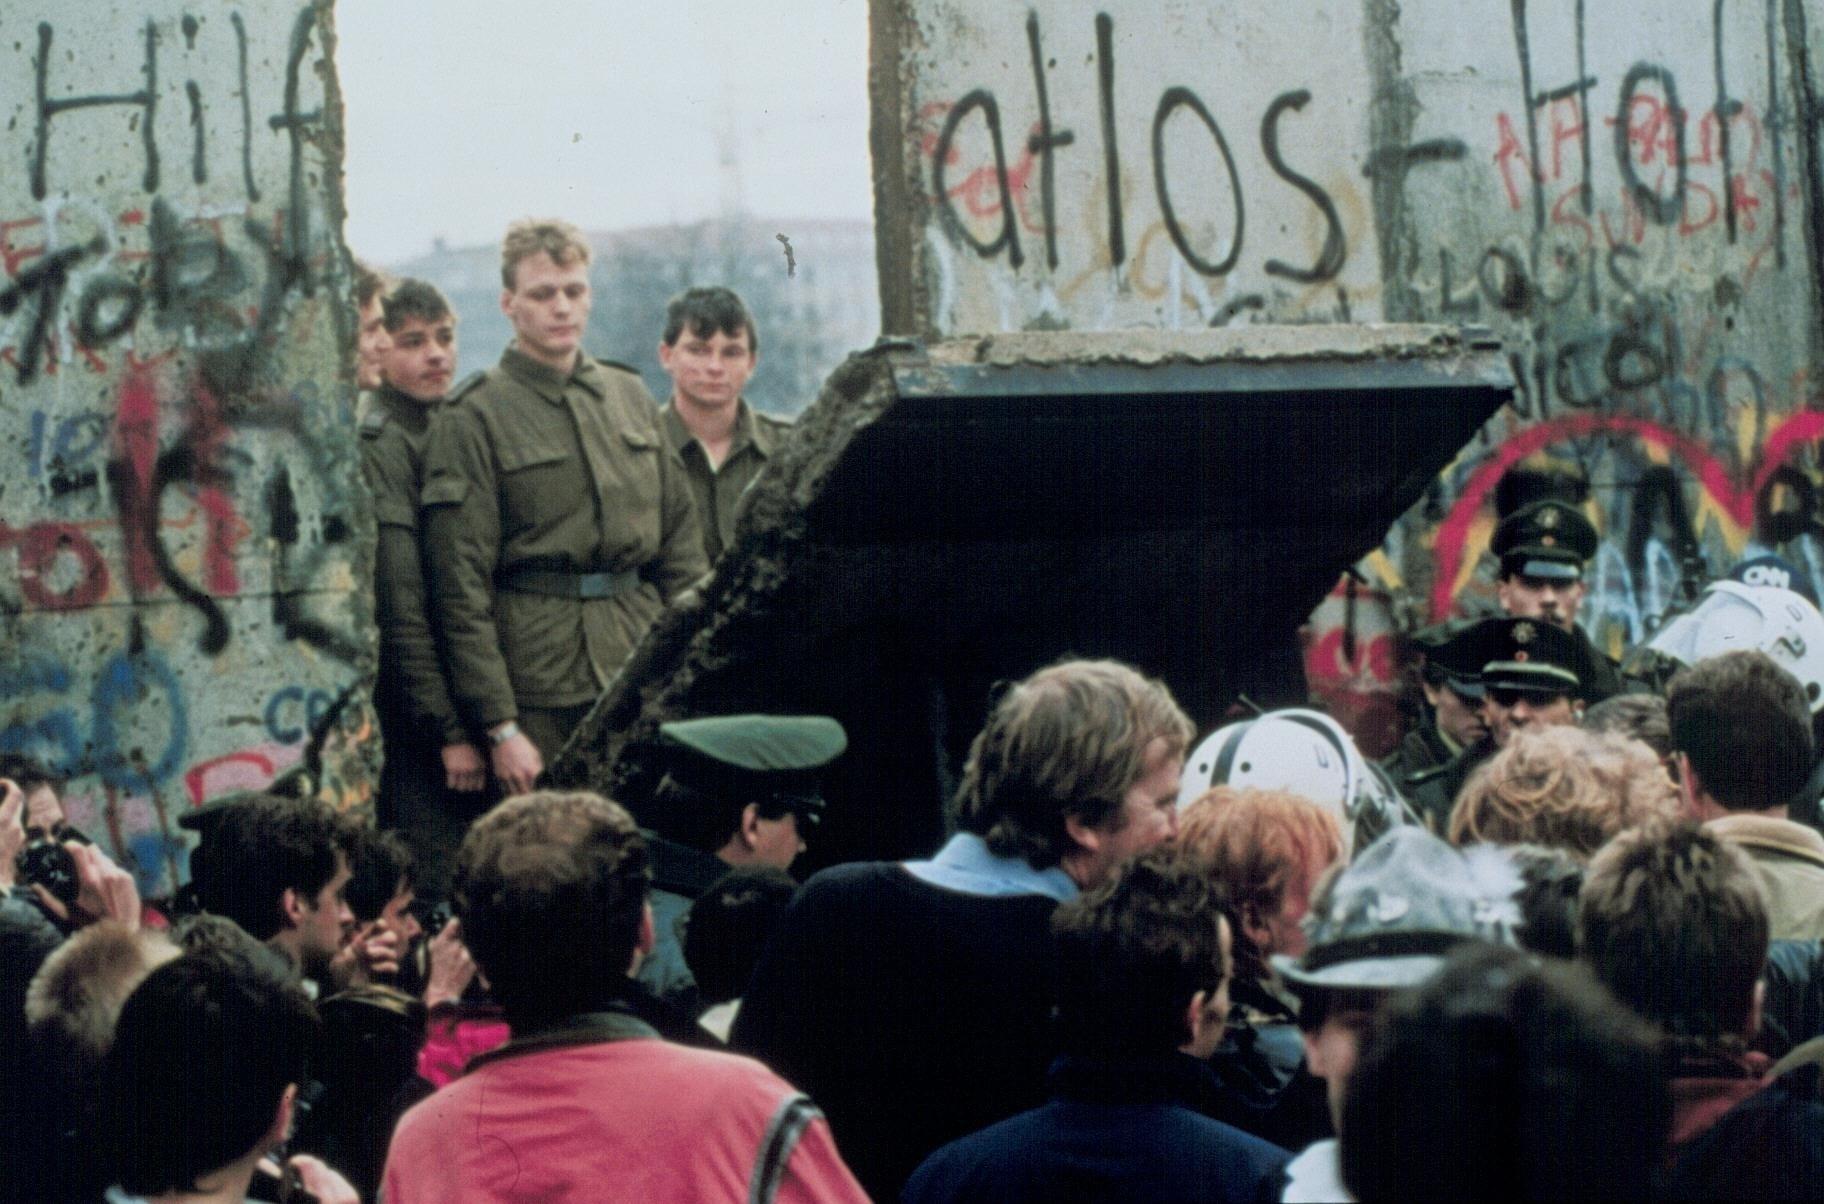 Foto di una porta murata del Muro di Berlino che viene abbattuta cadendo verso l'Ovest e rivelando il cordolo di soldati della parte Est.